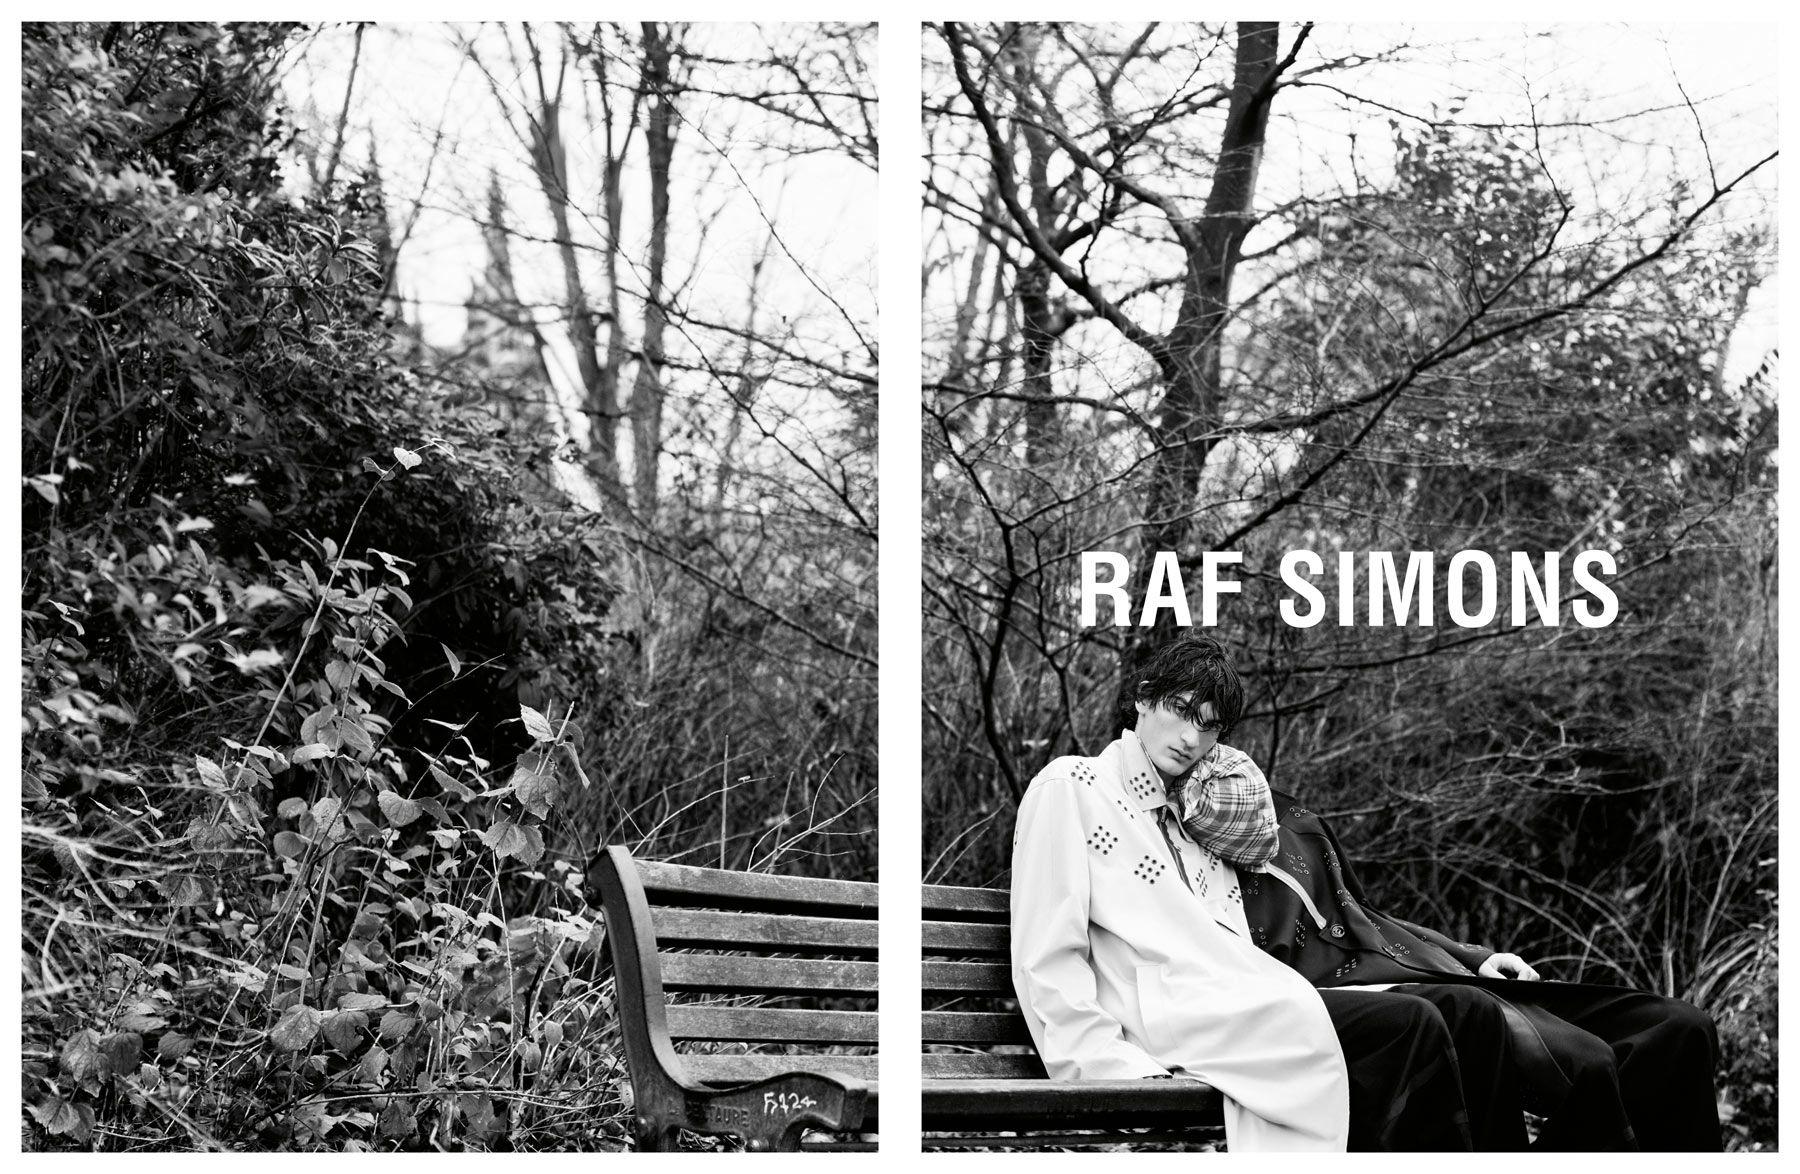 RAF SIMONS — http://rafsimons.com/fall16